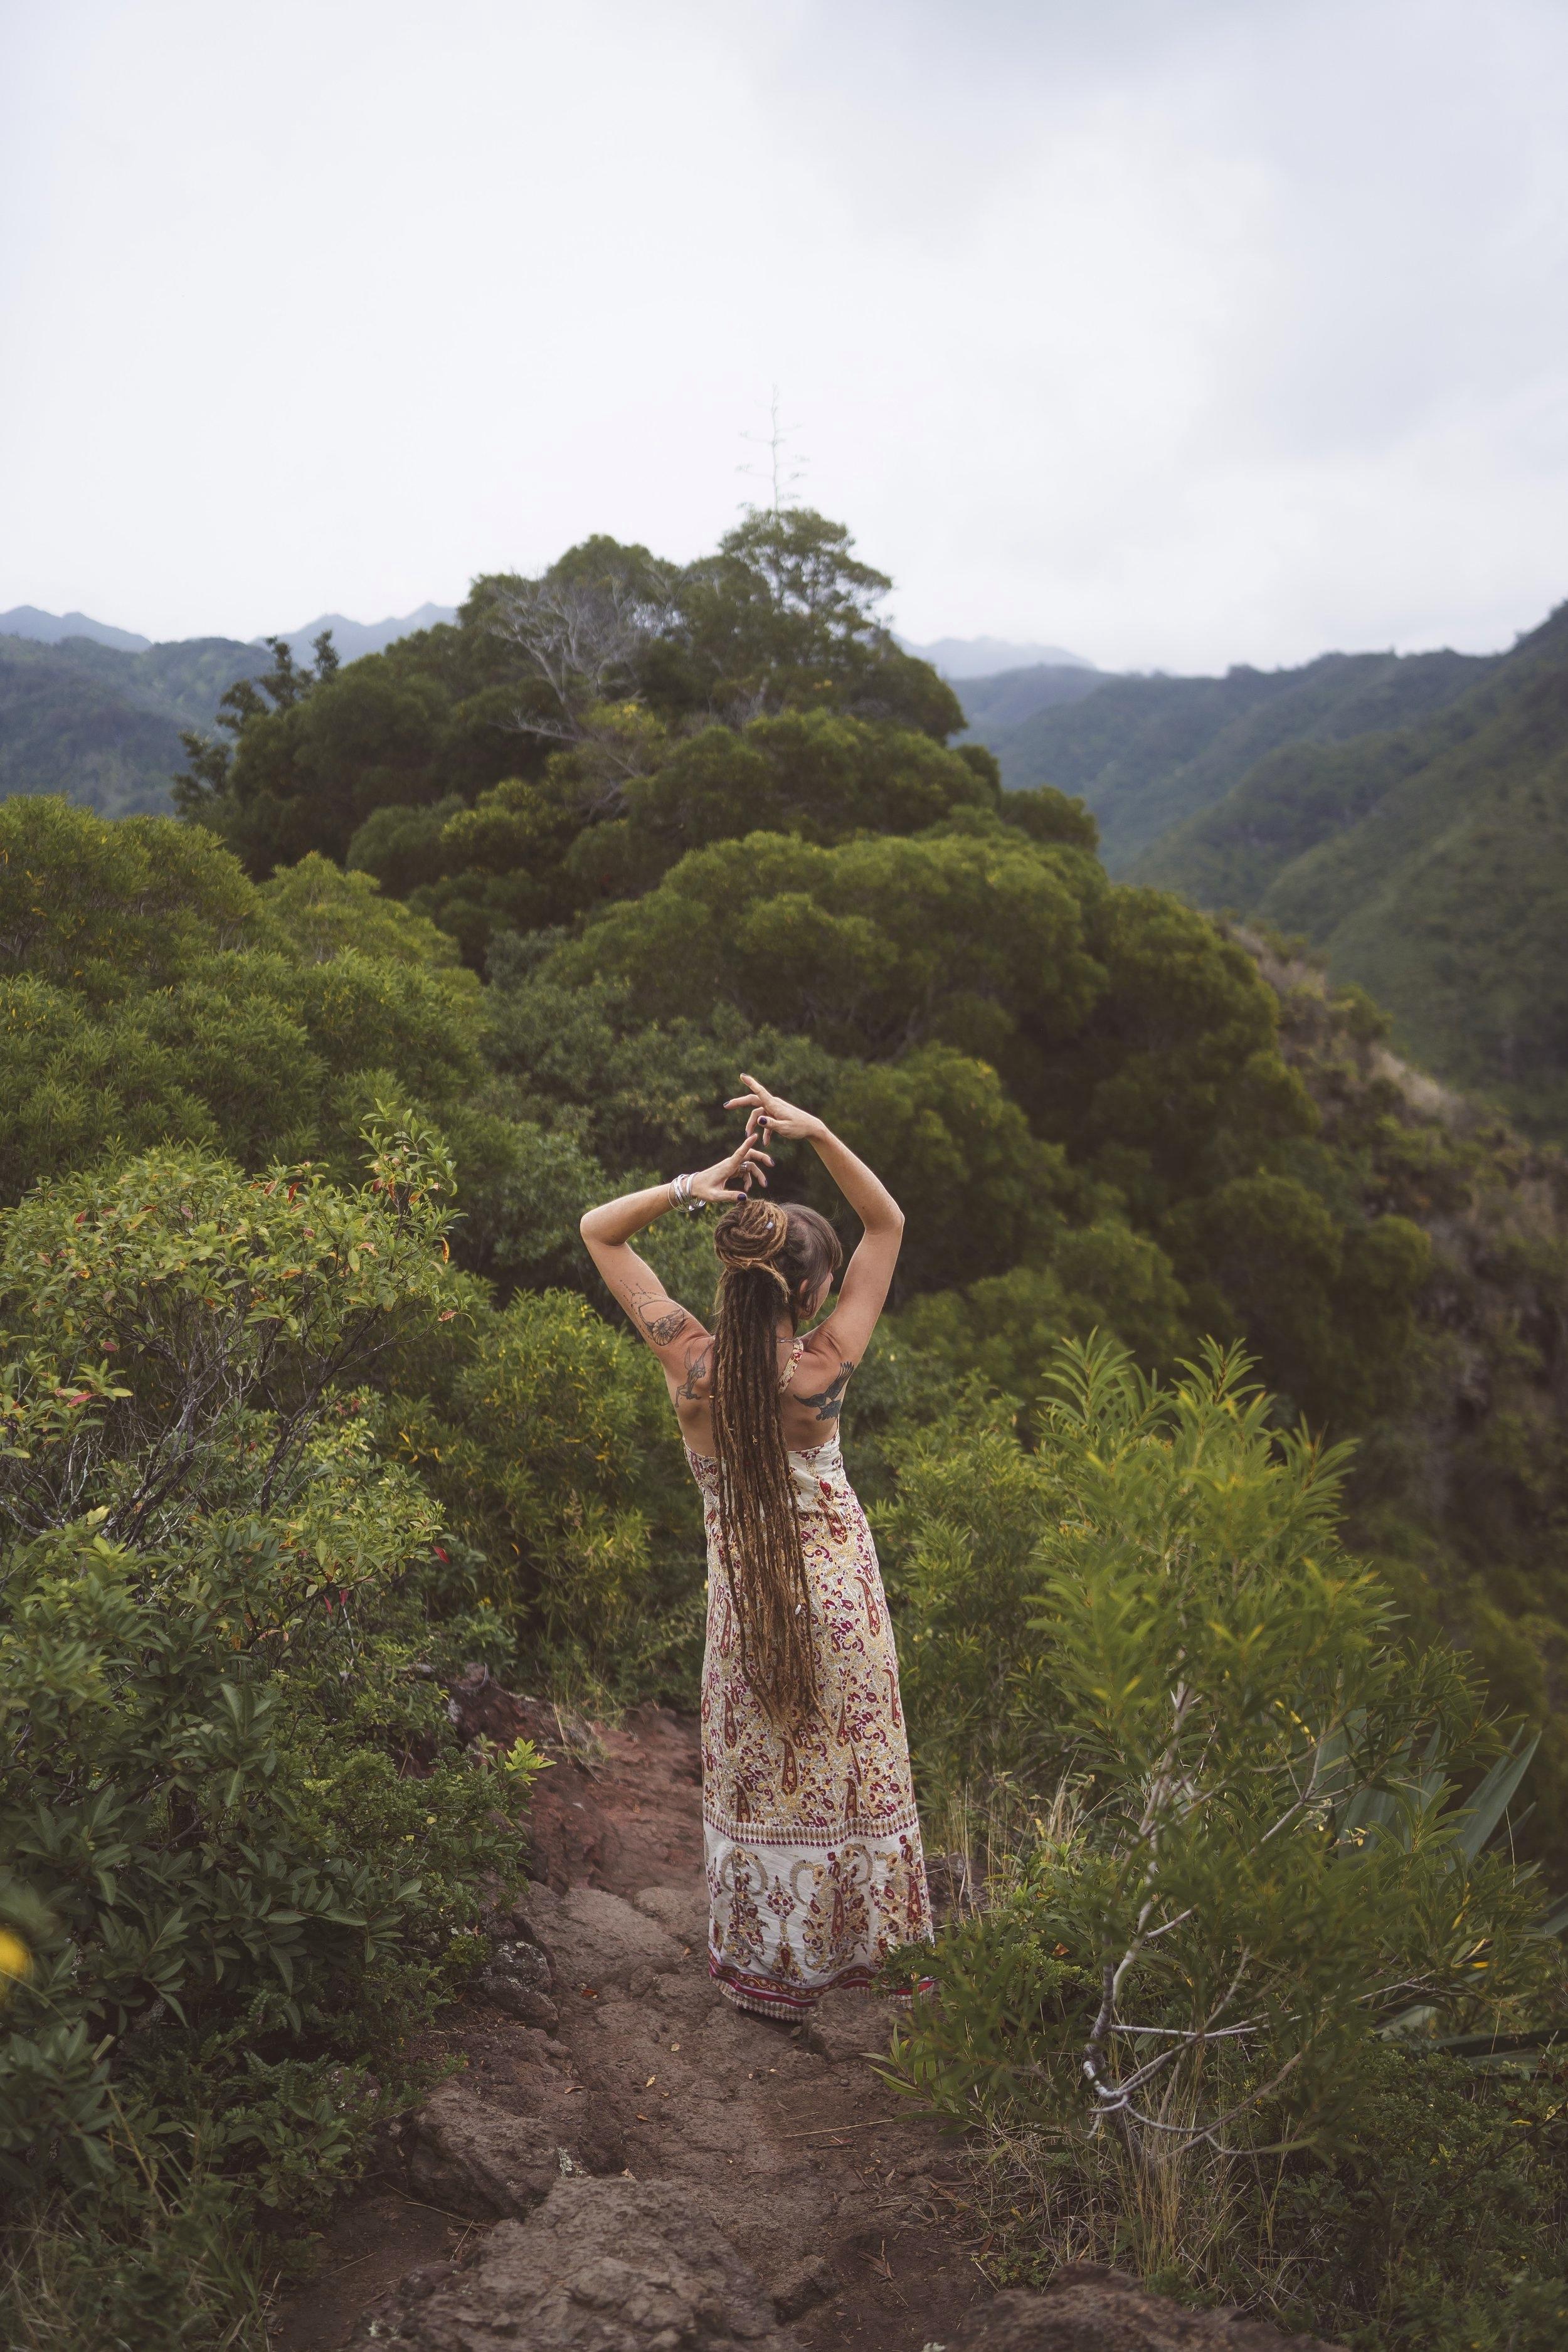 dreadhead on a mountaintop